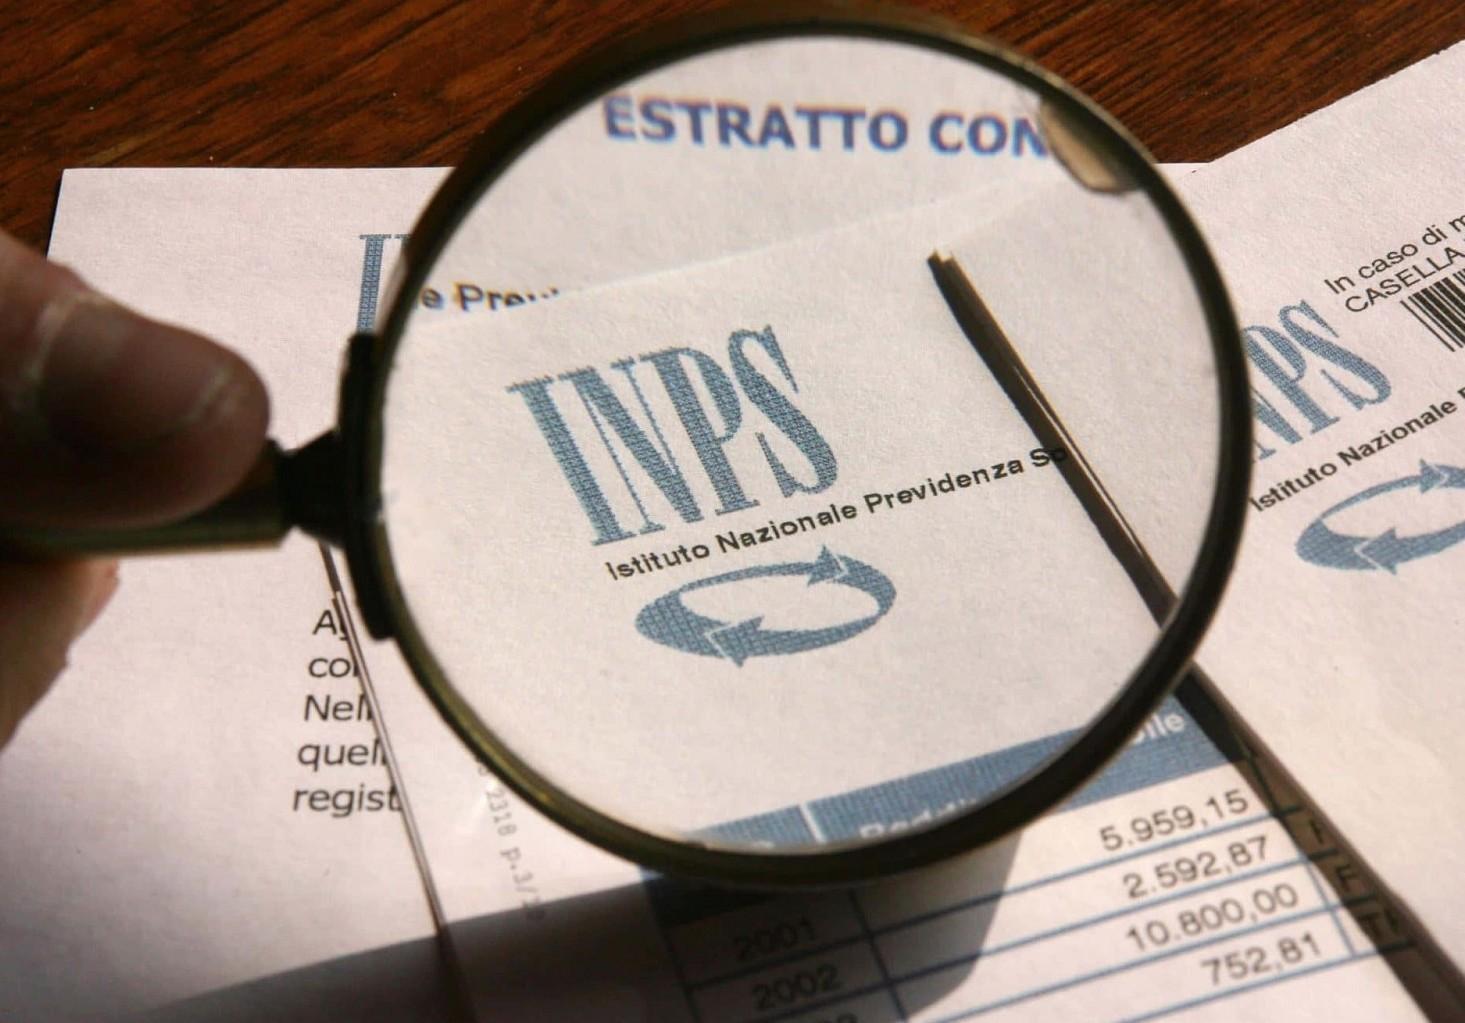 Pensione vecchiaia 2020 a chi spetta, requisiti età, contributi, come fare domanda INPS